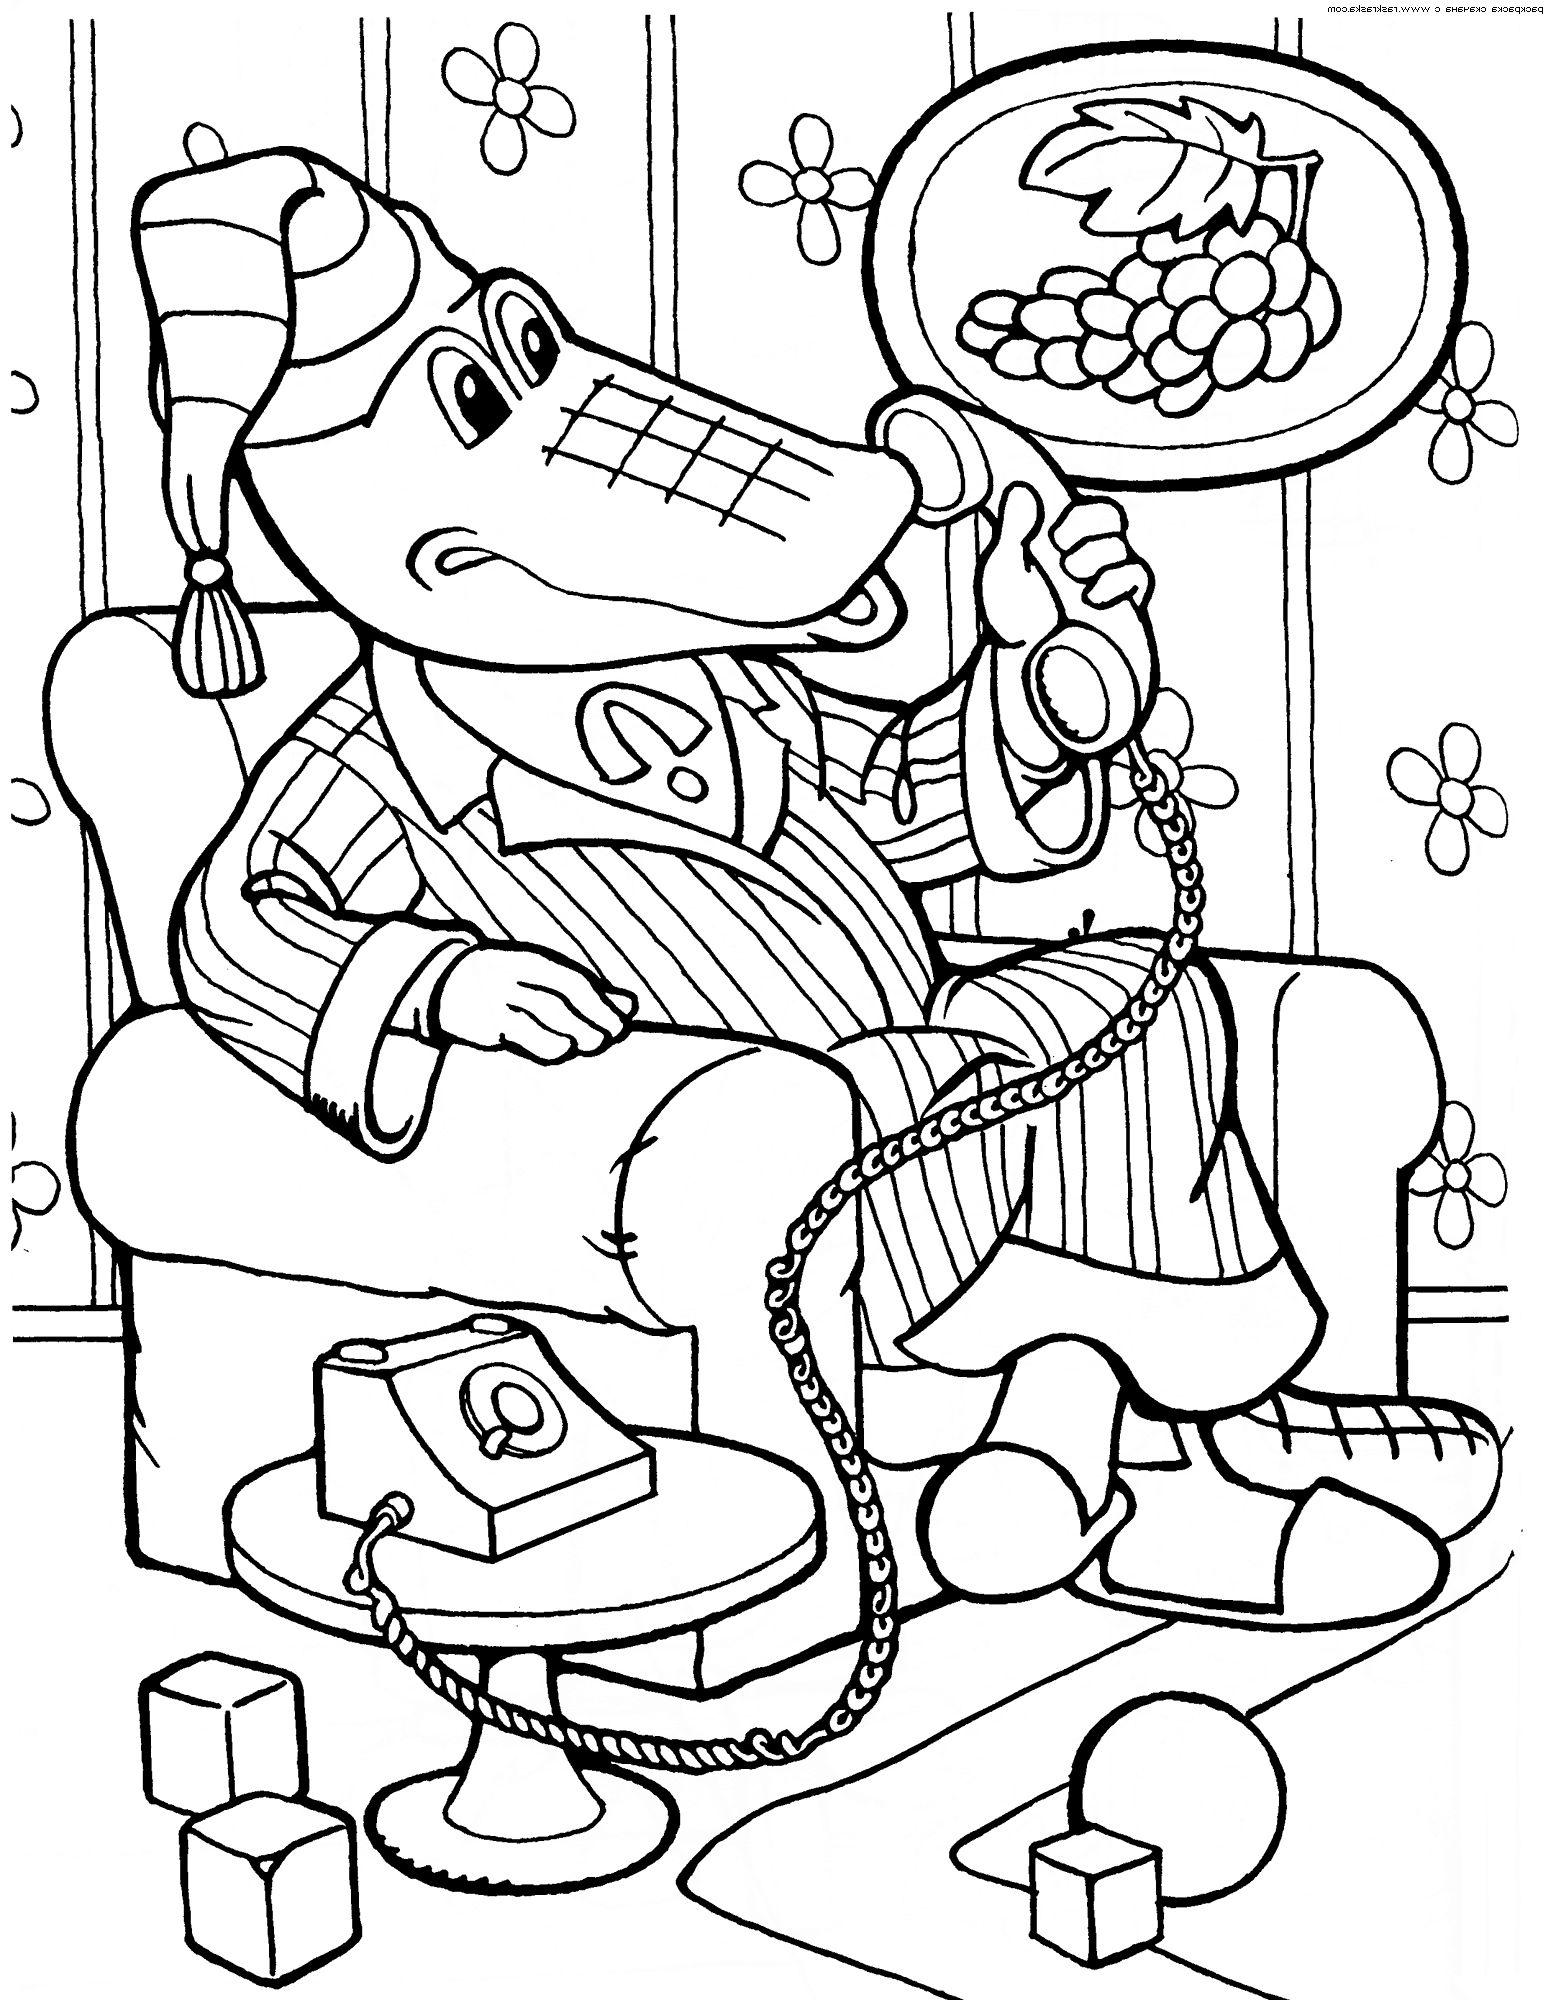 Гребнистый крокодил - раскраски для детей » Скачать лучшие ...